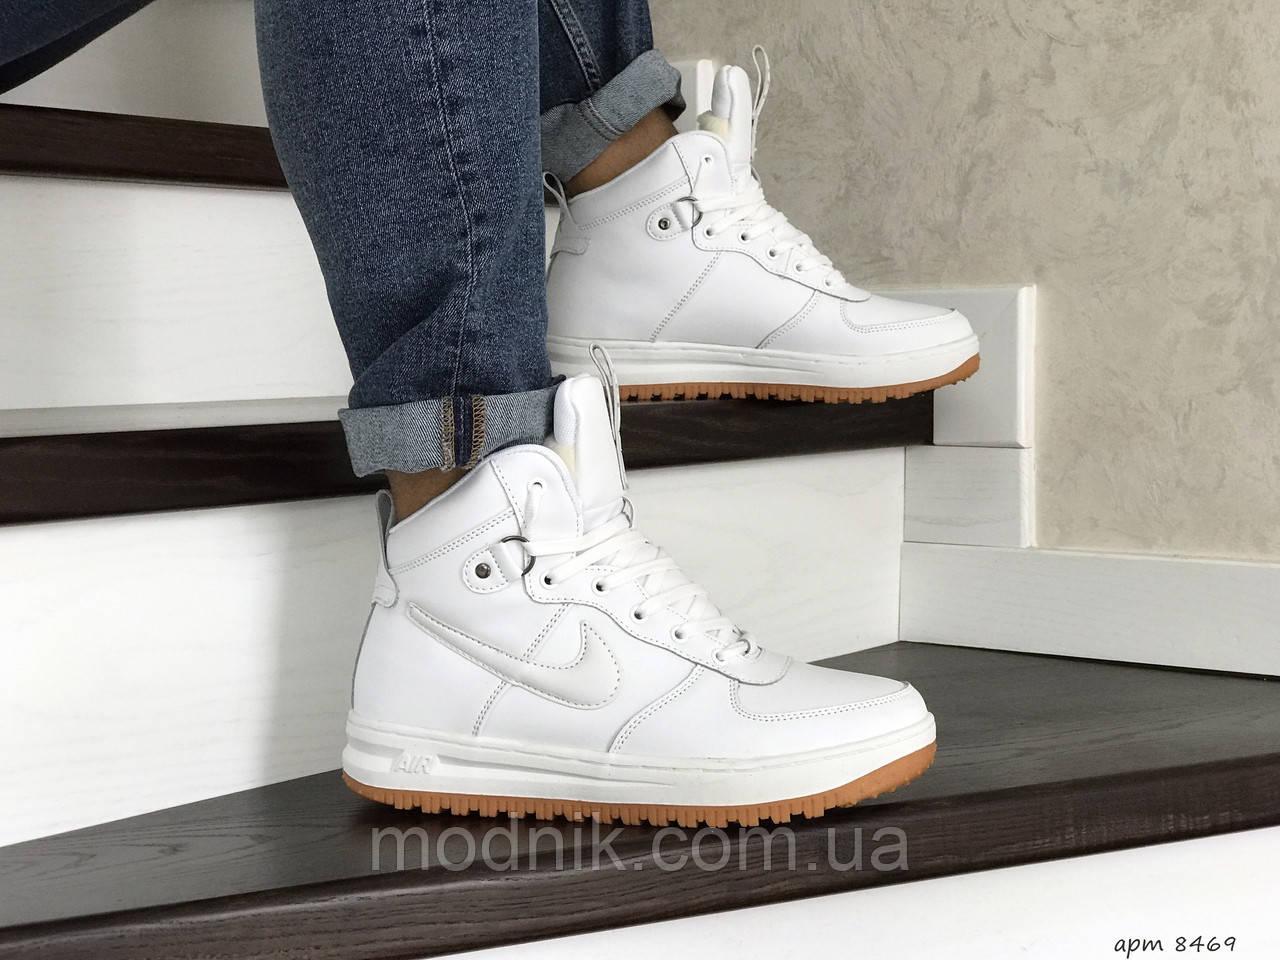 Мужские зимние кроссовки Nike Lunar Force 1 (белые)